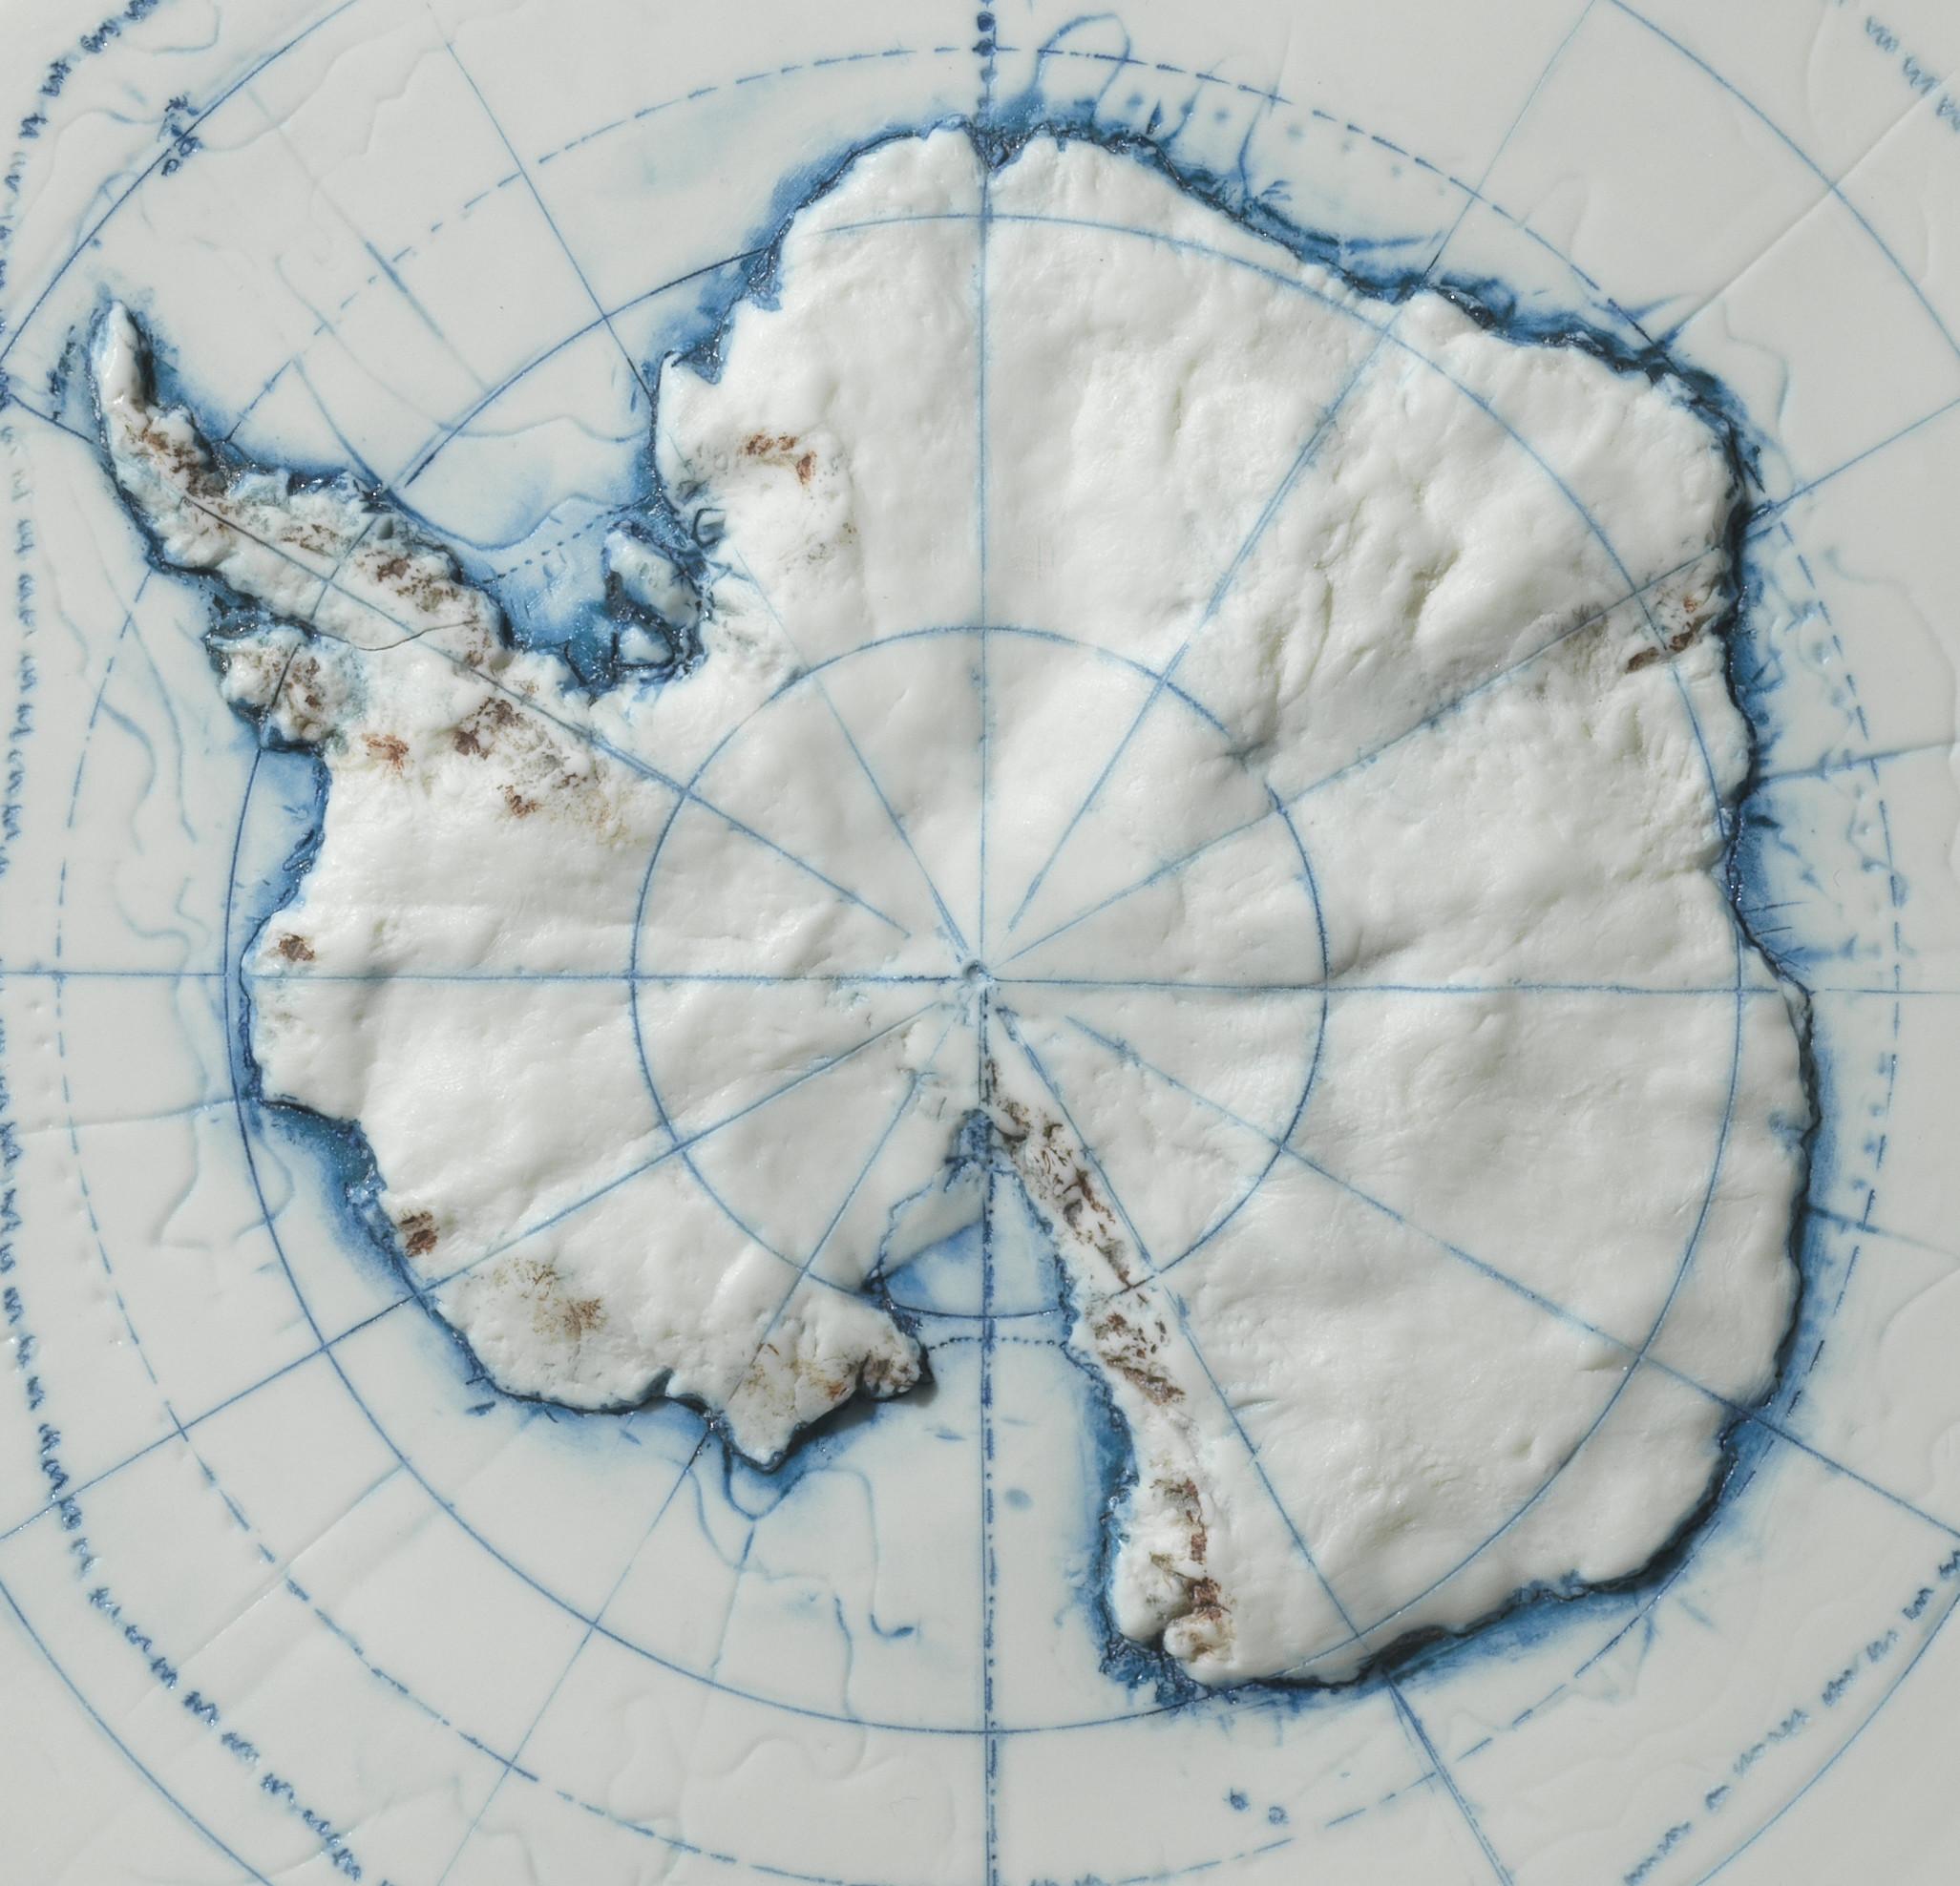 Poles Apart - Antarctica